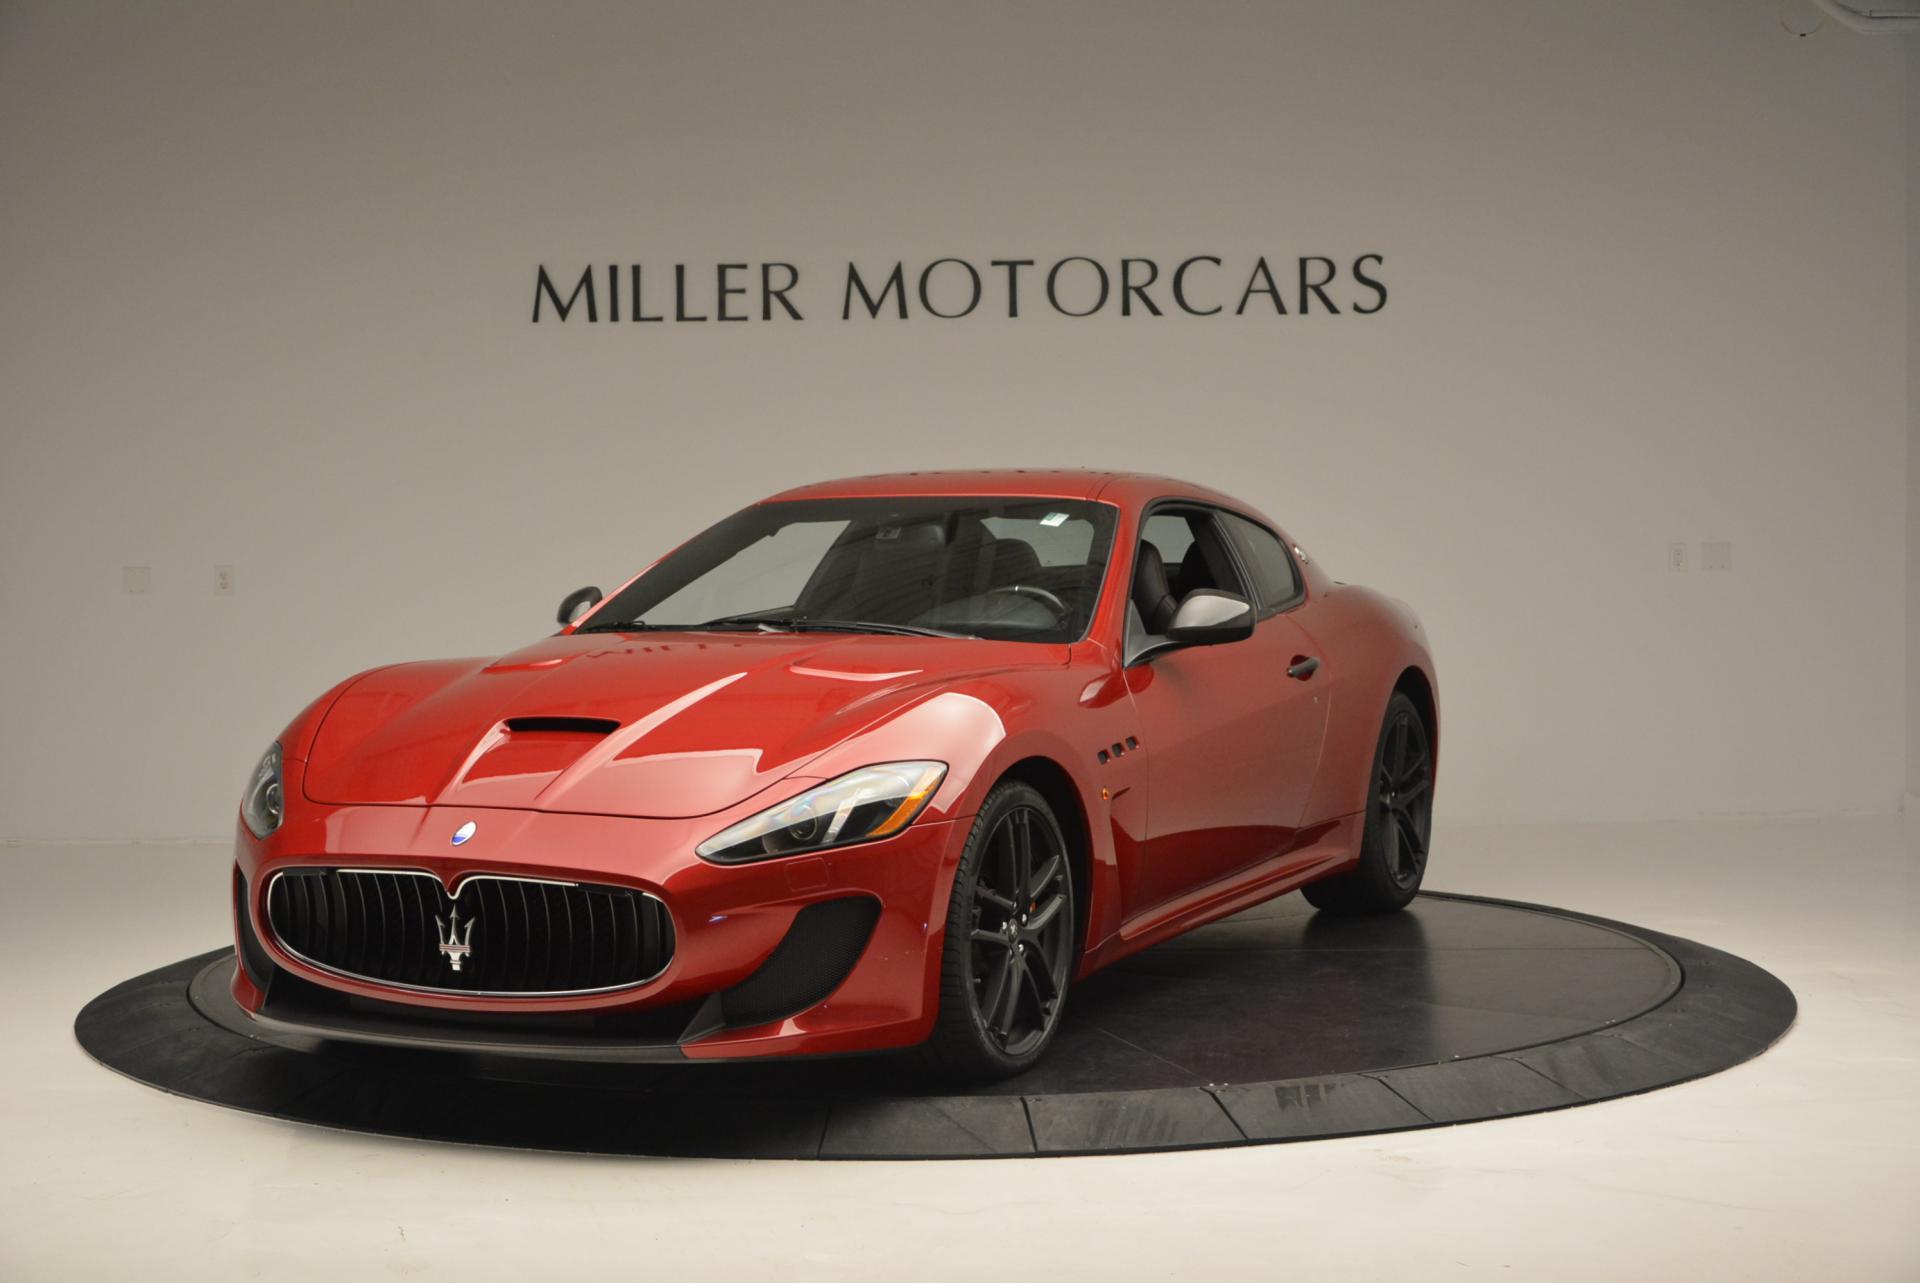 Used 2014 Maserati GranTurismo MC for sale Sold at Pagani of Greenwich in Greenwich CT 06830 1